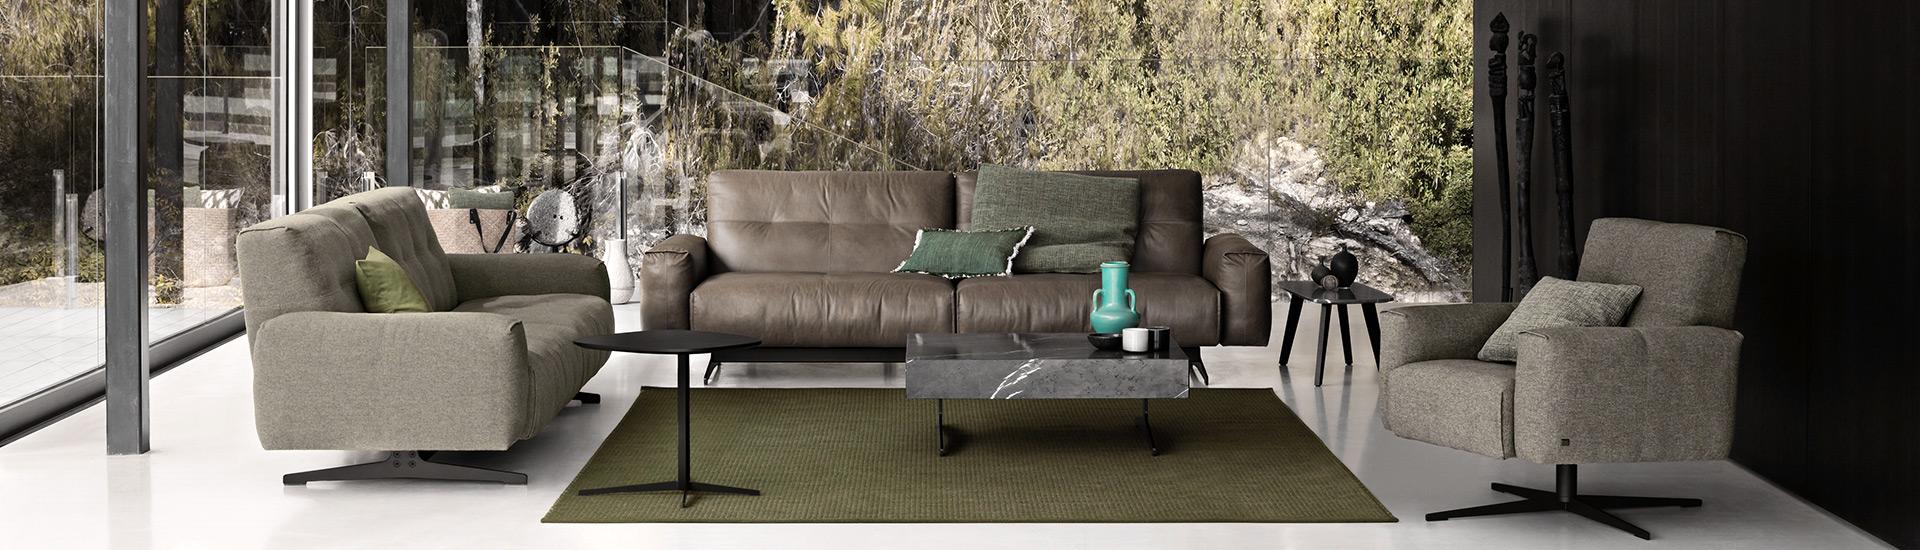 Rolf Benz - Sofas, Sessel, Clubsessel, Relaxliegen - Möbelmarken by Möbel Schulze Coburg, Rödental & Ilmenau